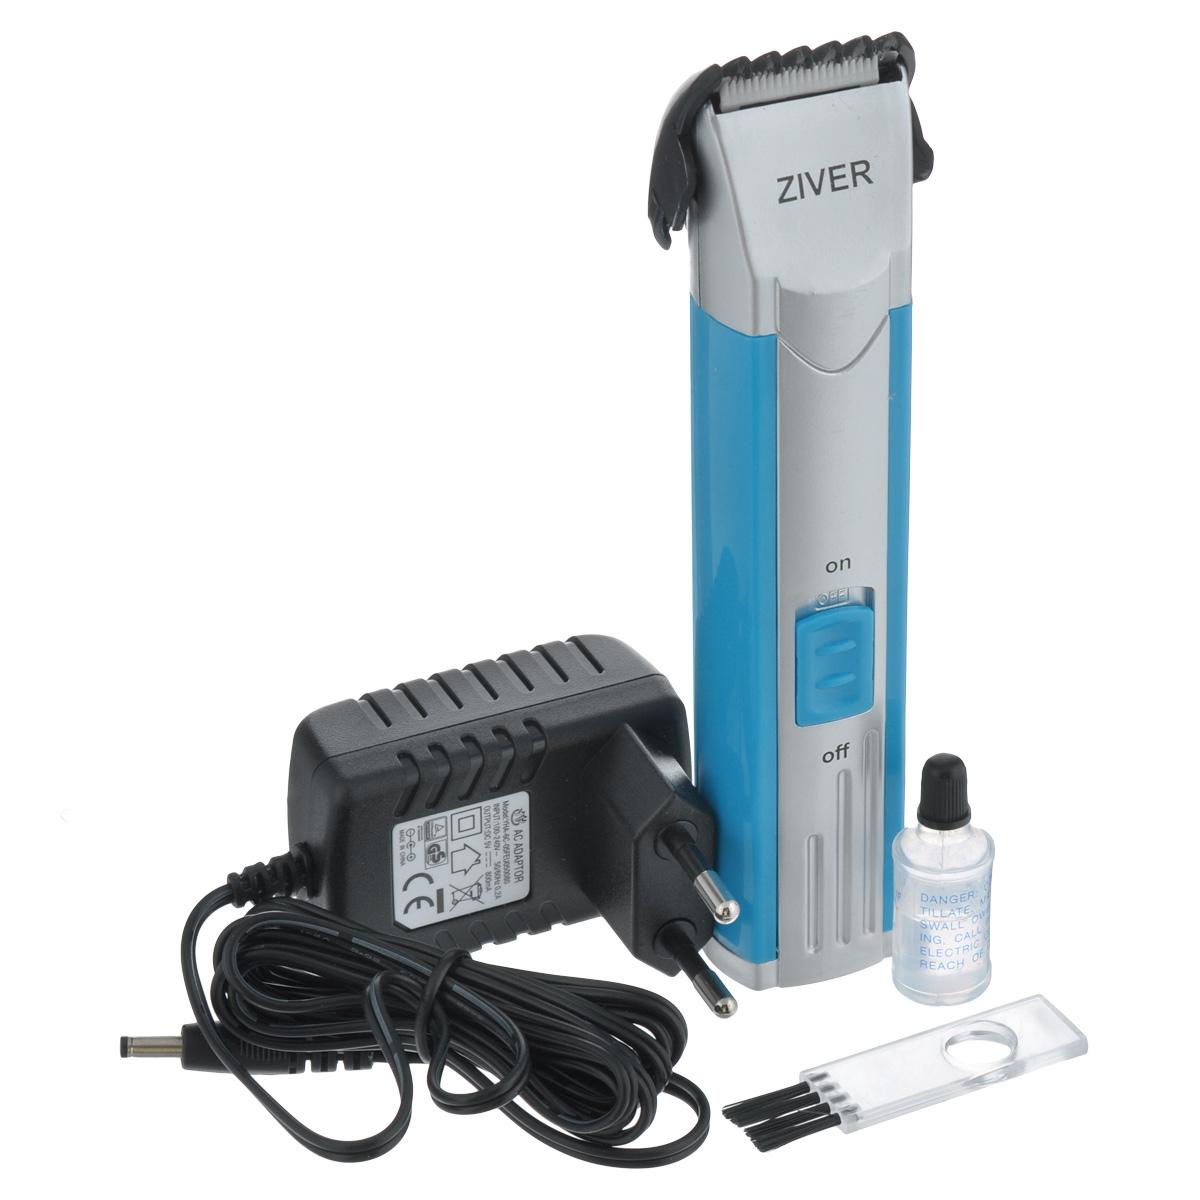 Триммер аккумуляторный Ziver-205 для стрижки животных, цвет: серый машинка для стрижки ziver 20 zv 055